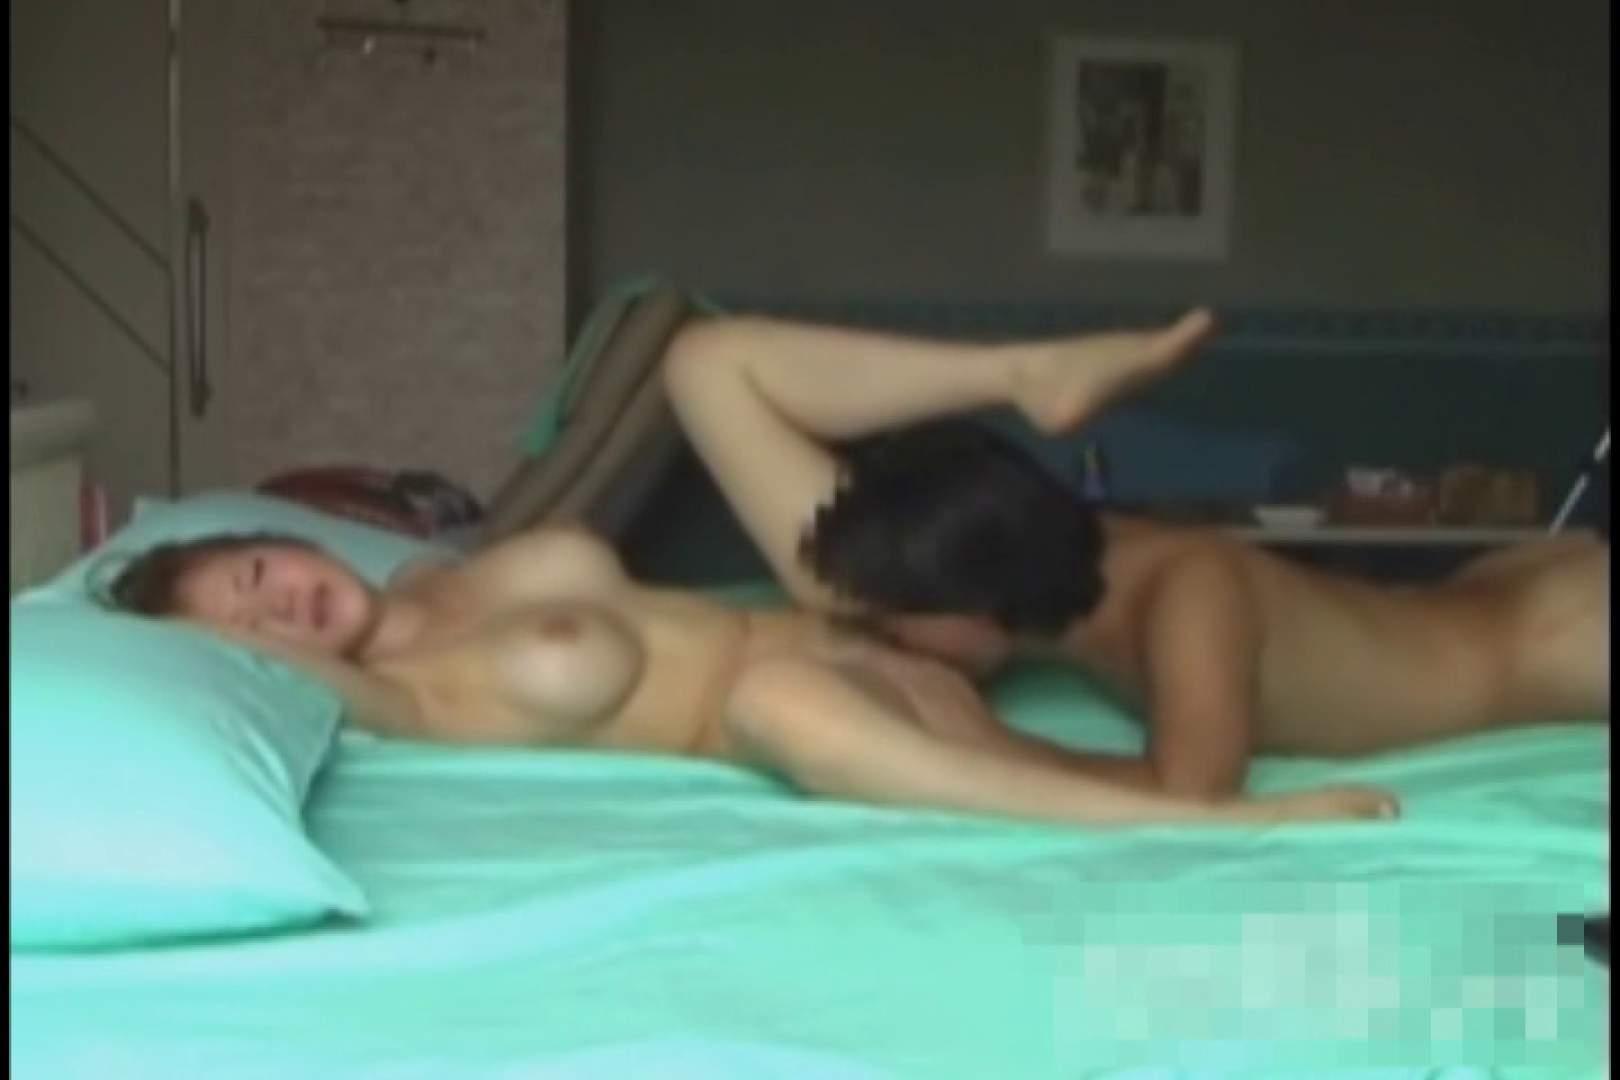 淫乱嬢レミちゃんとハメ撮りSEX 巨乳女子  91pic 16